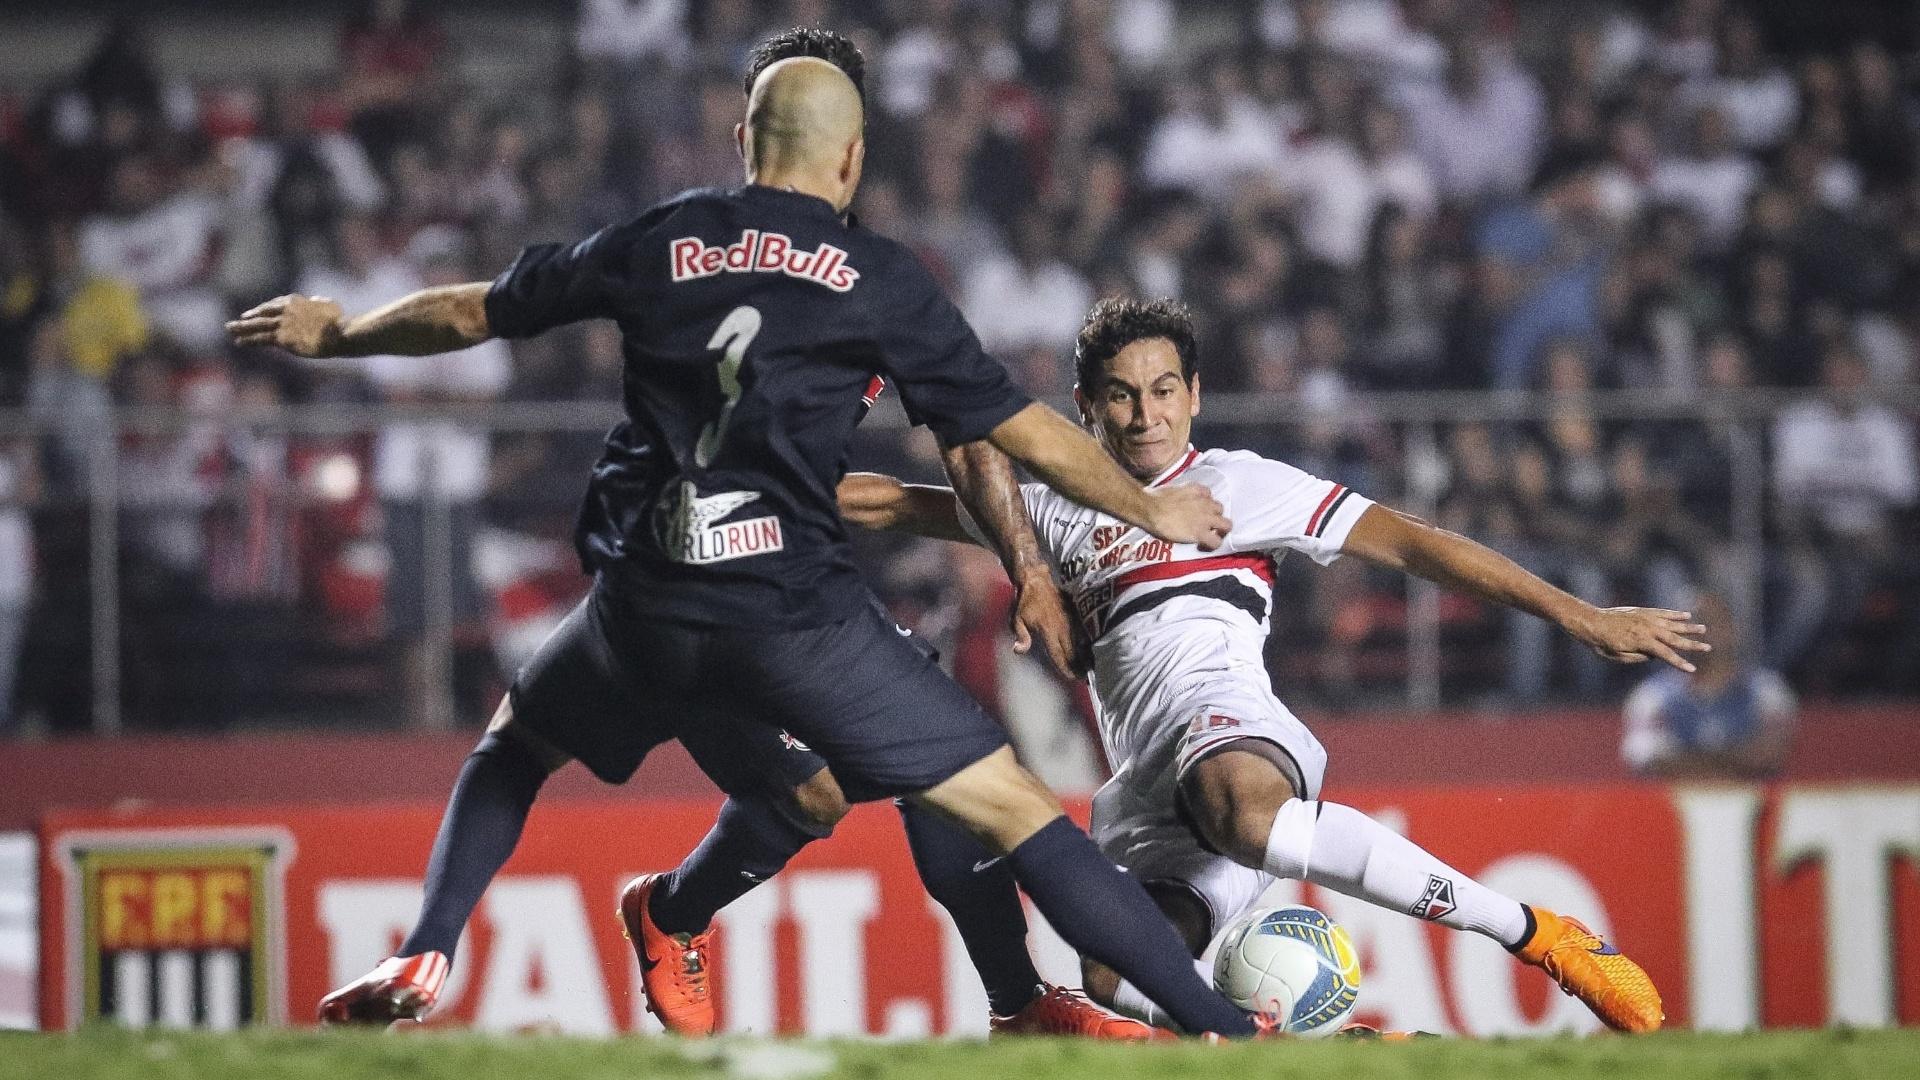 Ganso tenta concluir para o gol em lance da partida São Paulo e Red Bull, pelo Paulistão